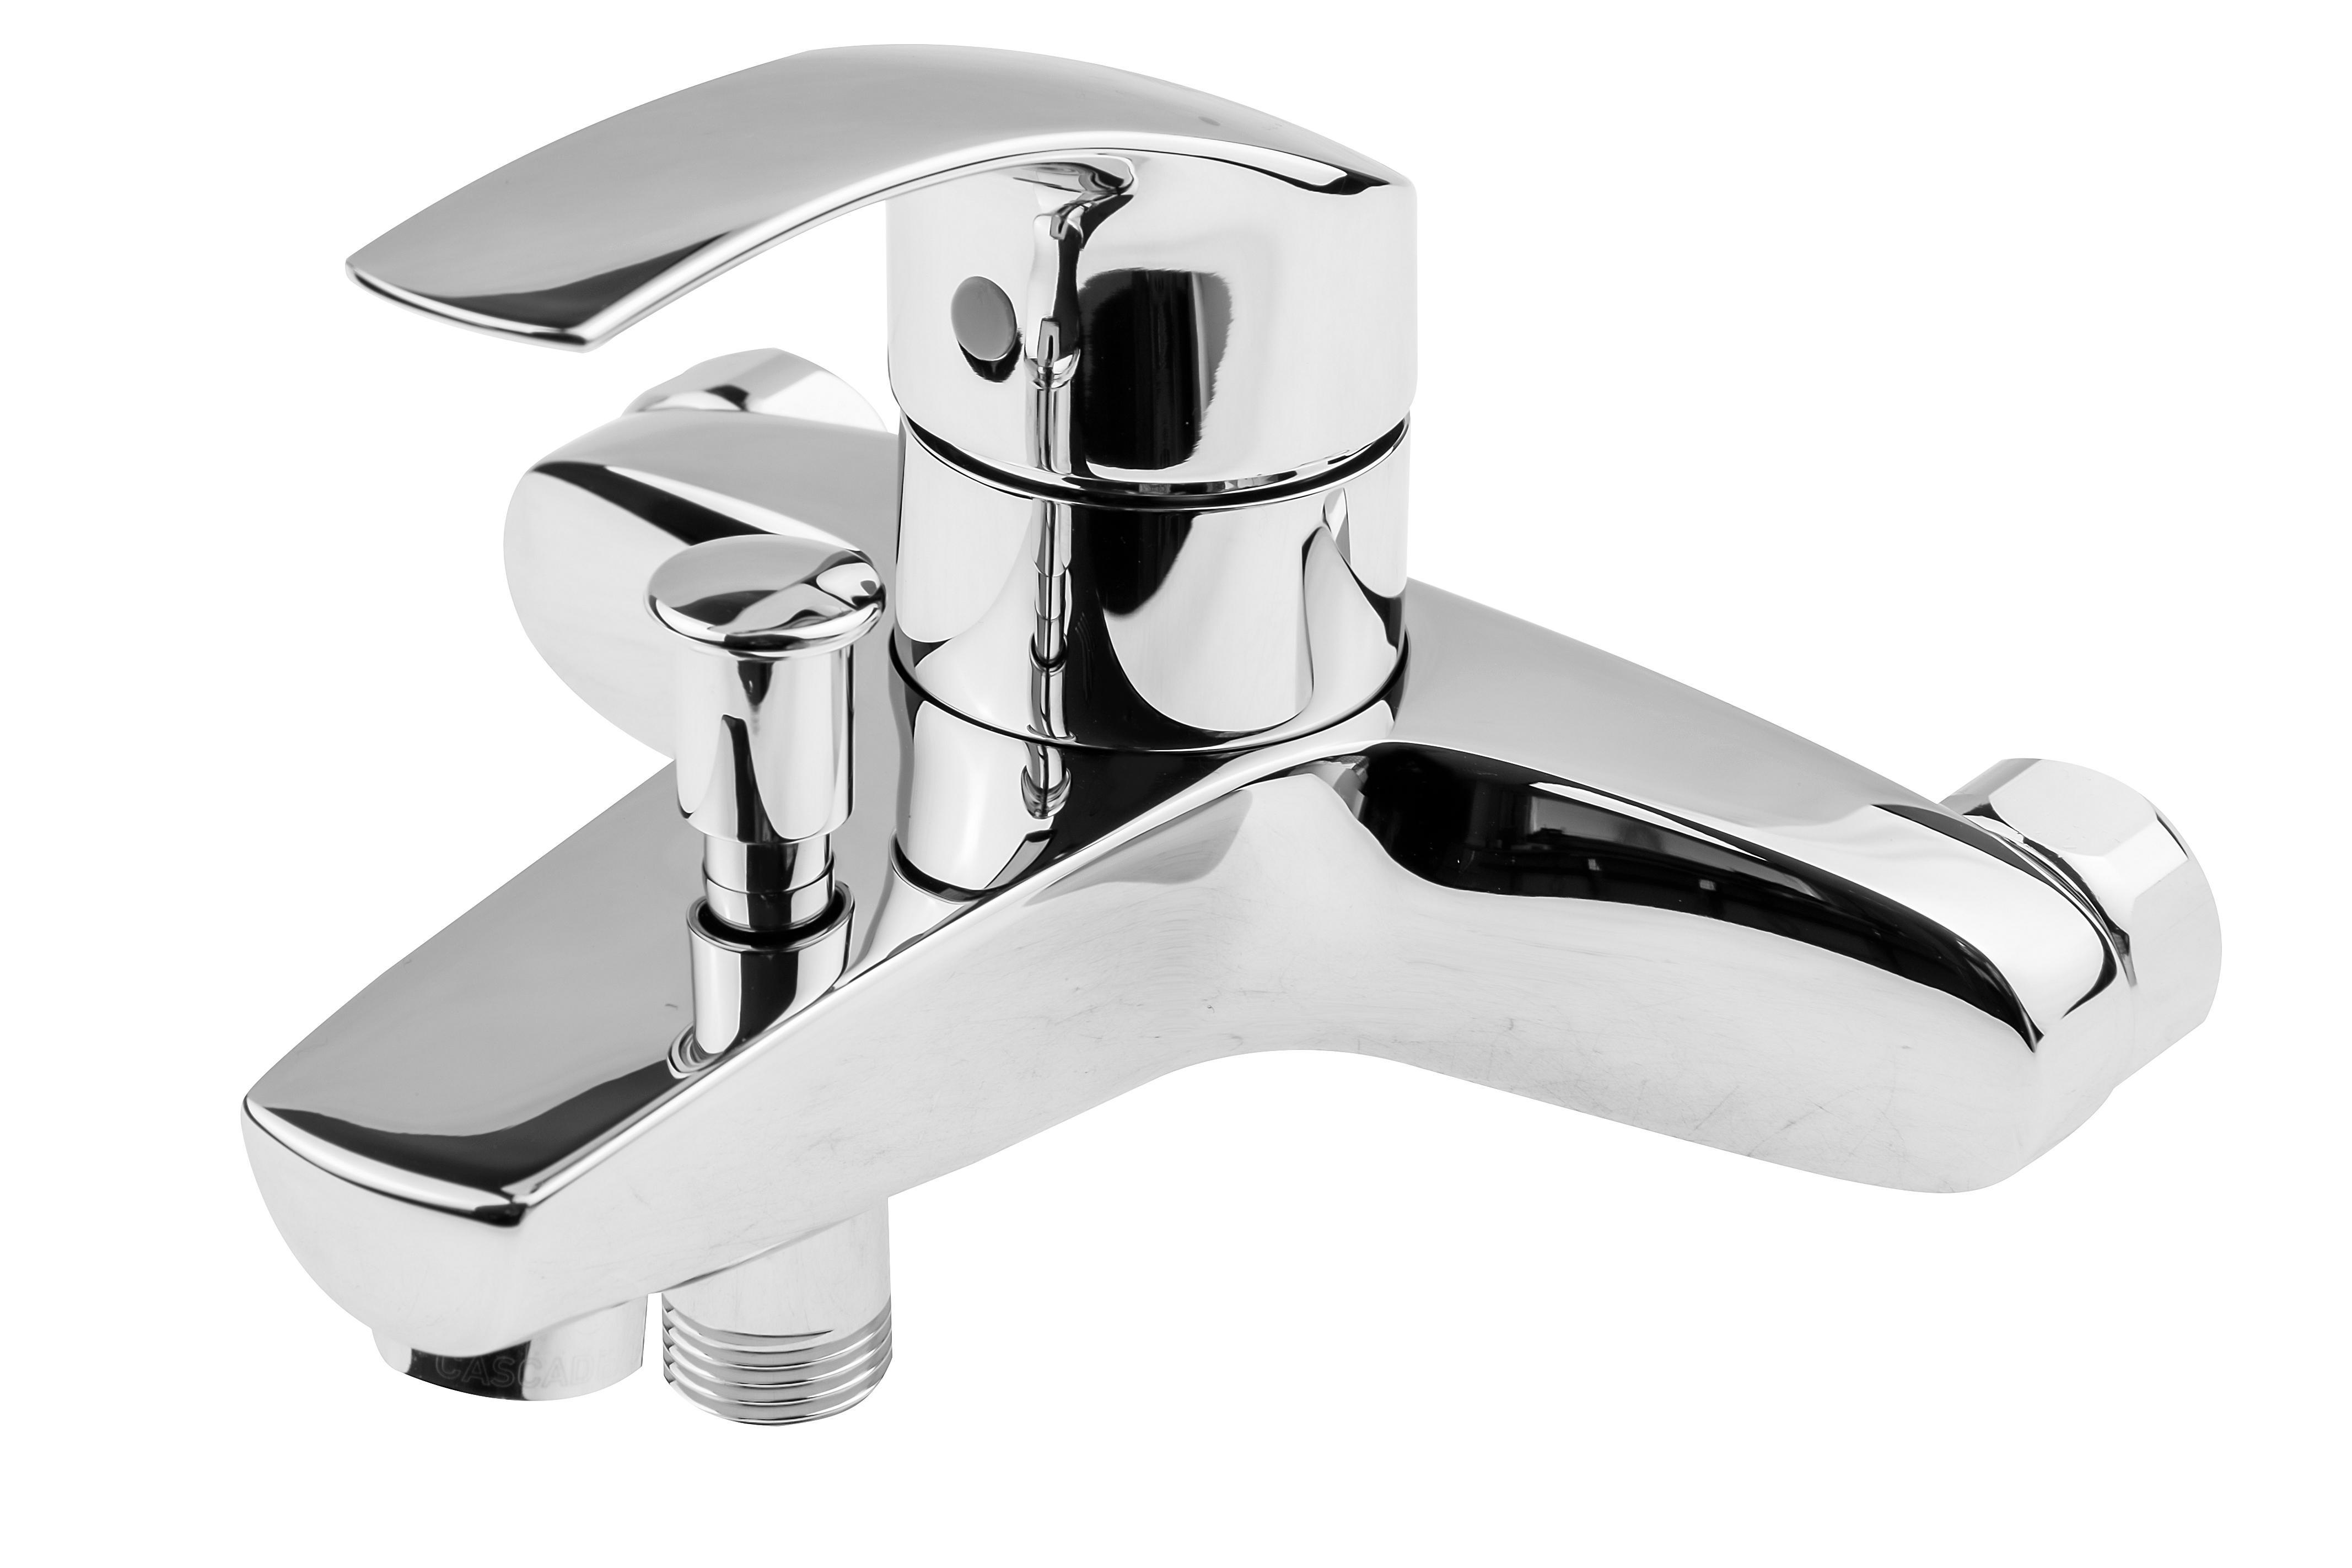 Смеситель для ванны Grohe Eurosmart new 33300002 смеситель для ванны grohe eurosmart 33303002